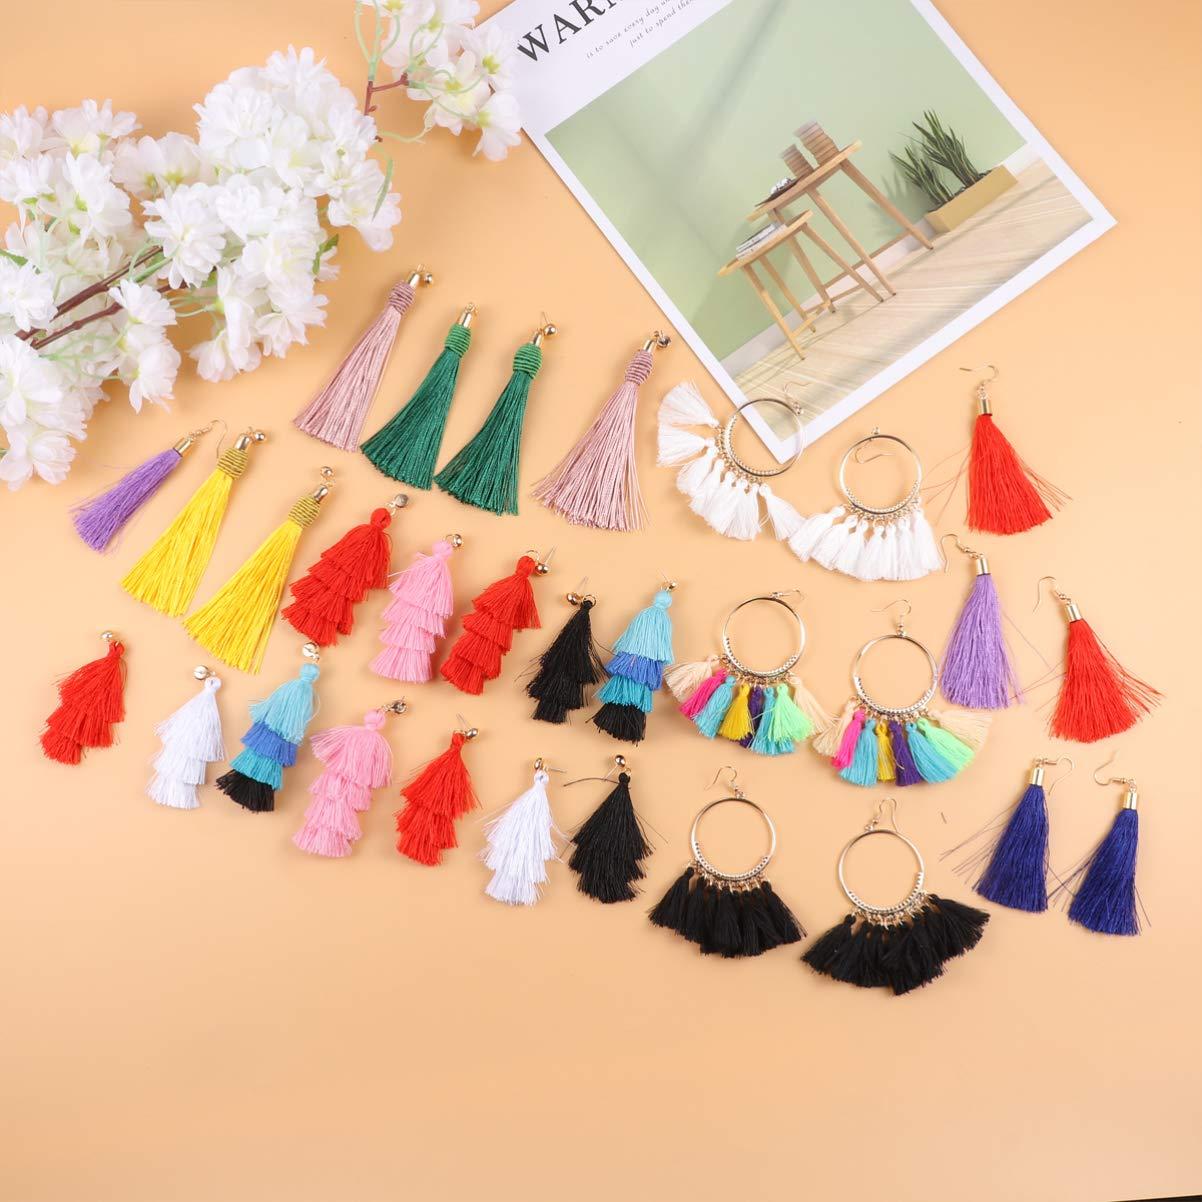 Minkissy B/öhmische Quaste Ohrringe bunten Faden lange geschichteten Fransen Ohrringe F/ächerform Ohrringe f/ür Festival Party Geschenk 15 Paare